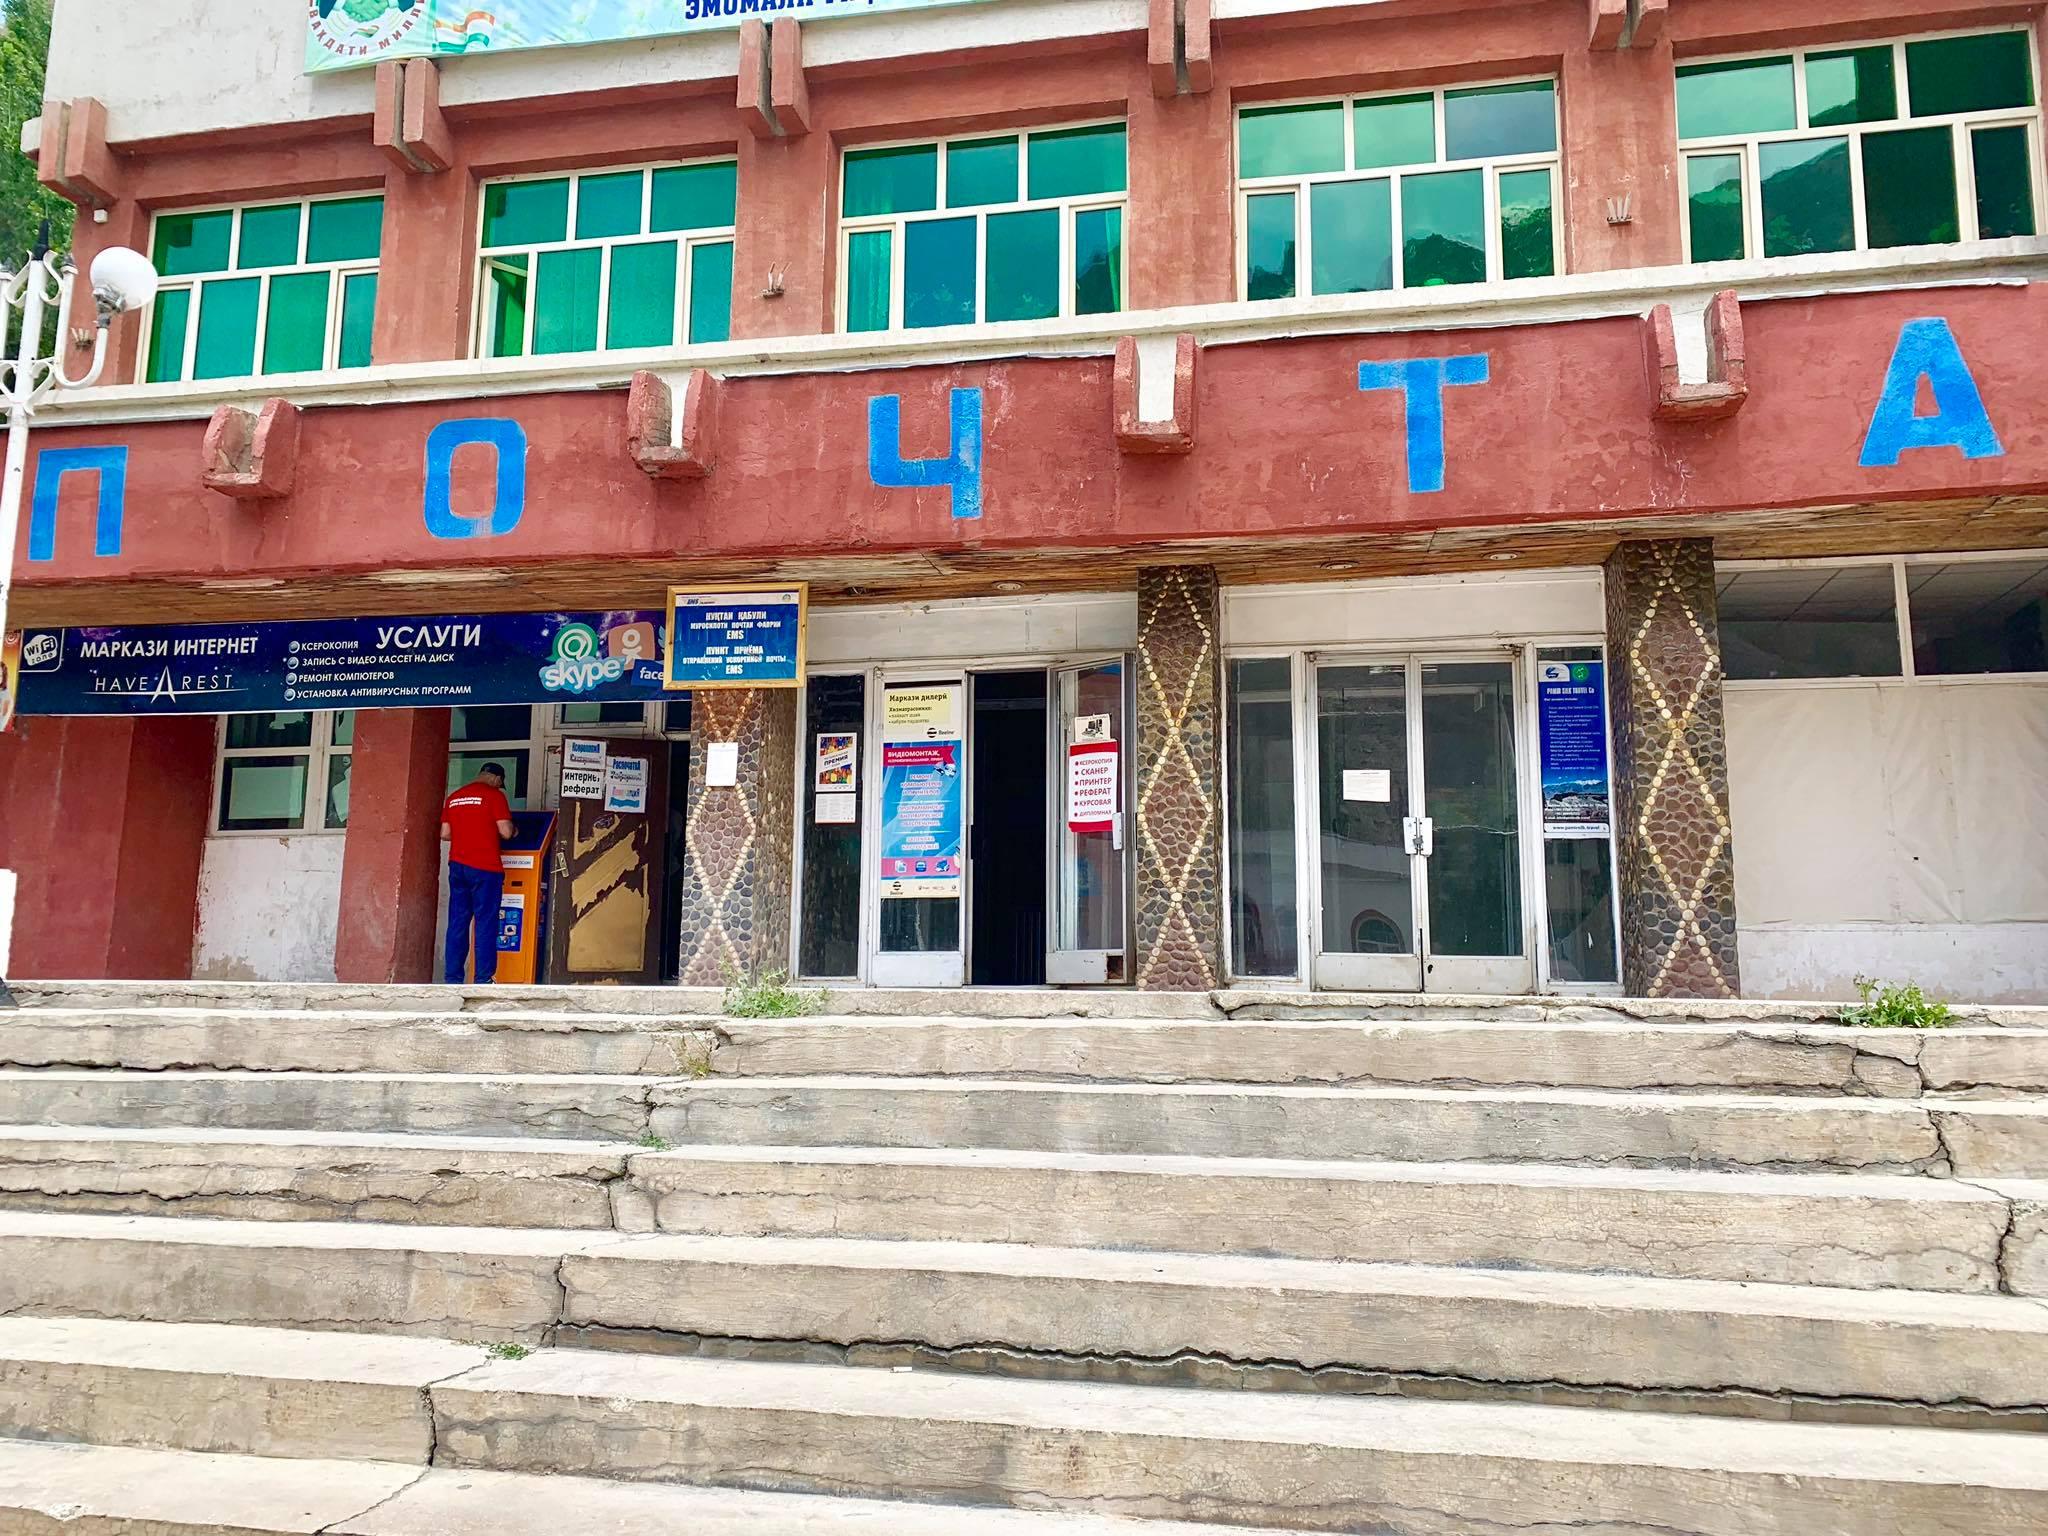 Kach Solo Travels in 2019 Pamir Highway Trip in Tajikistan24.jpg